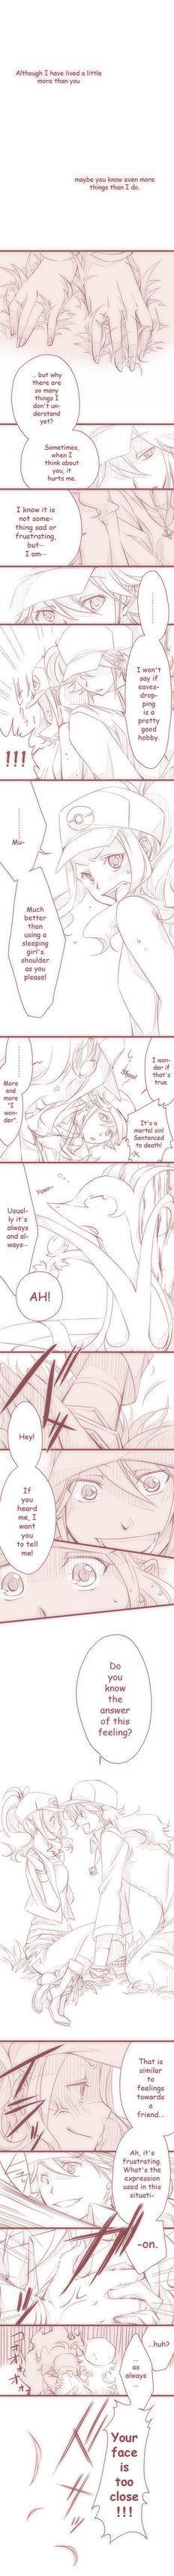 N and touko wedding - Pokemon White And Black Touko X N I Don T Understand